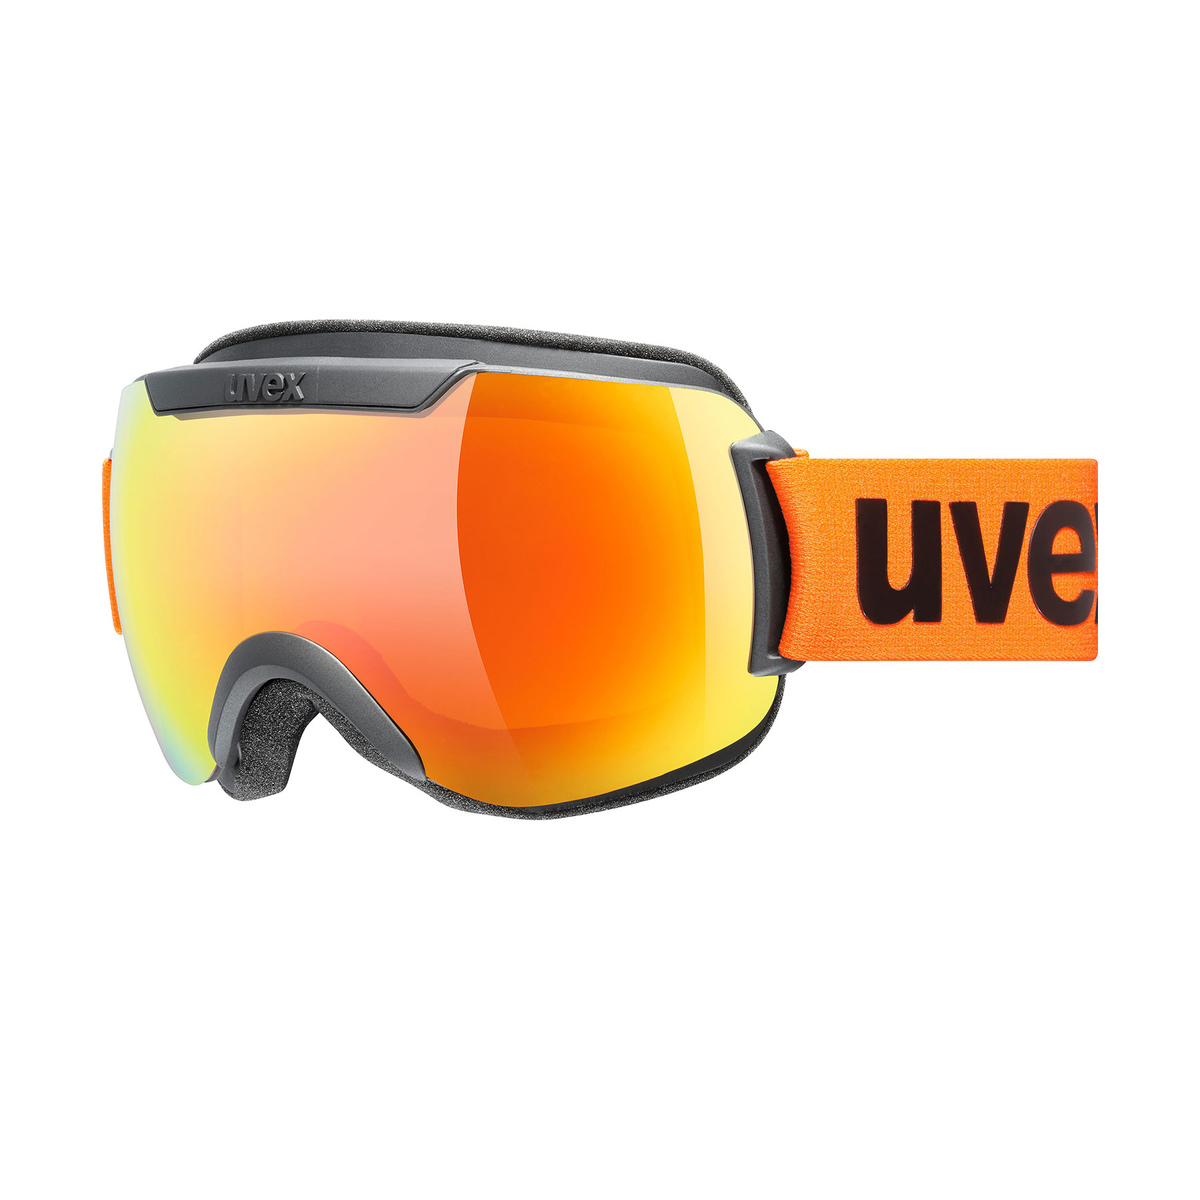 Prezzi Uvex maschera downhill 2000 cv